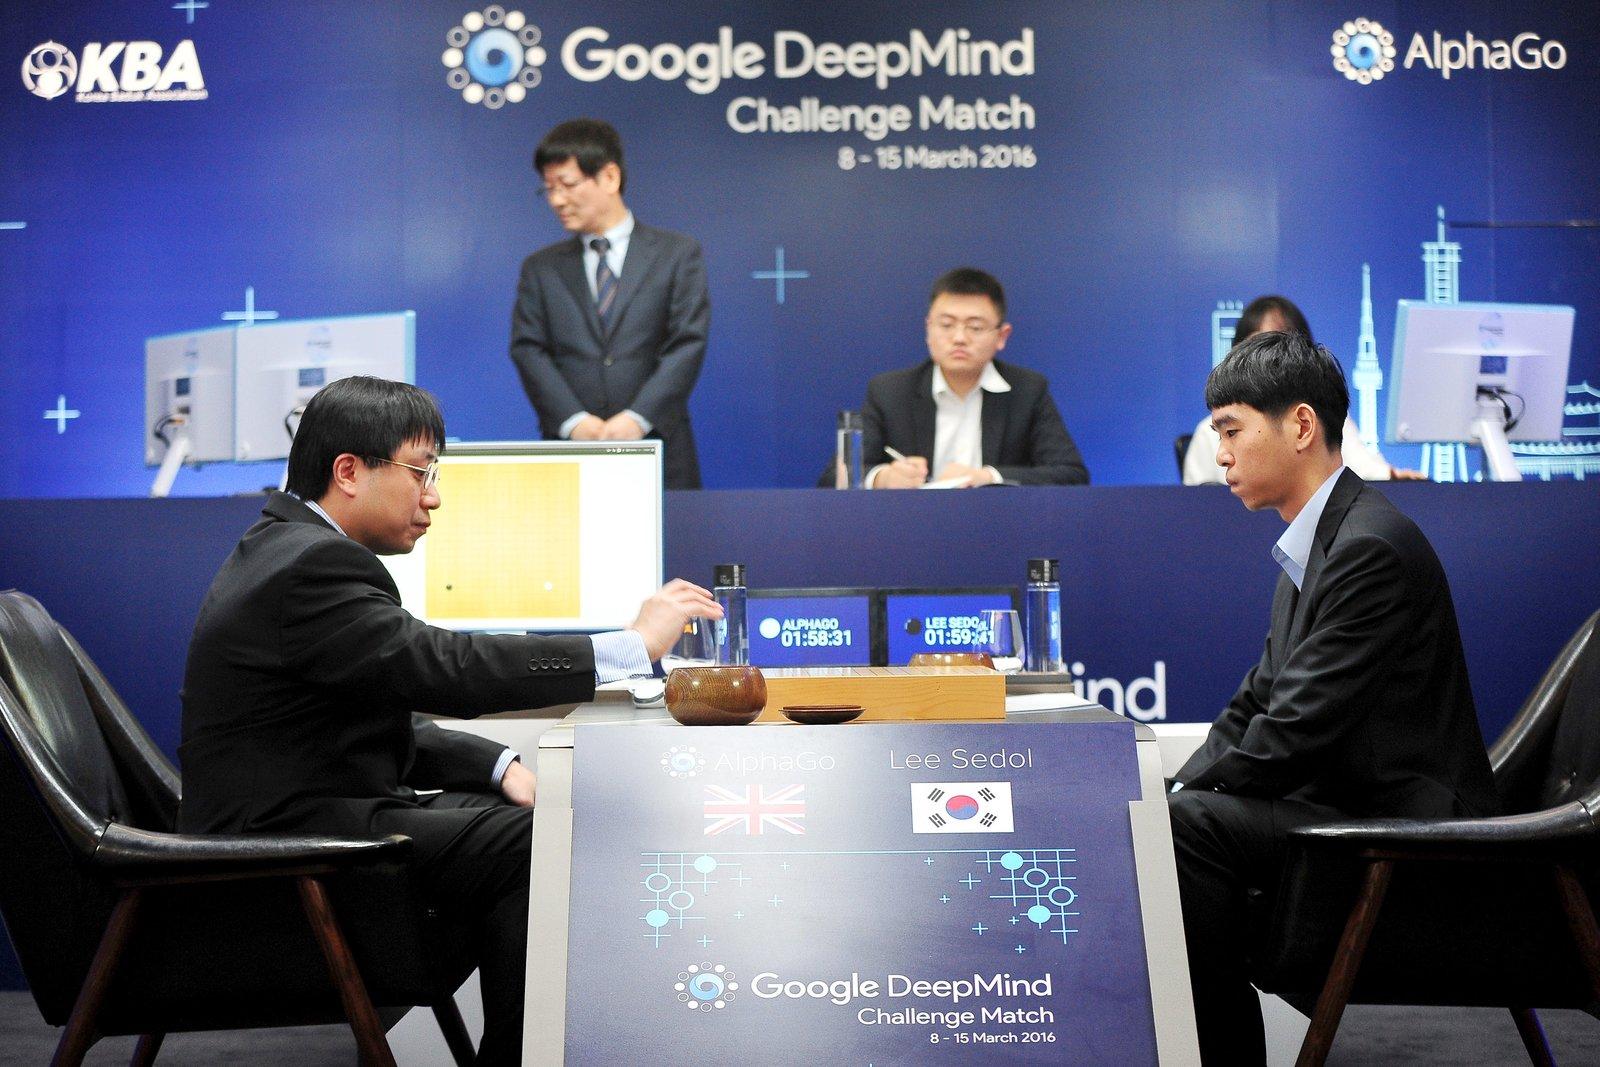 人工智能系統 AlphaGo 與棋手李世石首次對戰,研發團隊成員兼業餘棋手黃士傑(右)替 AlphaGo 走棋。 圖片來源:路透社